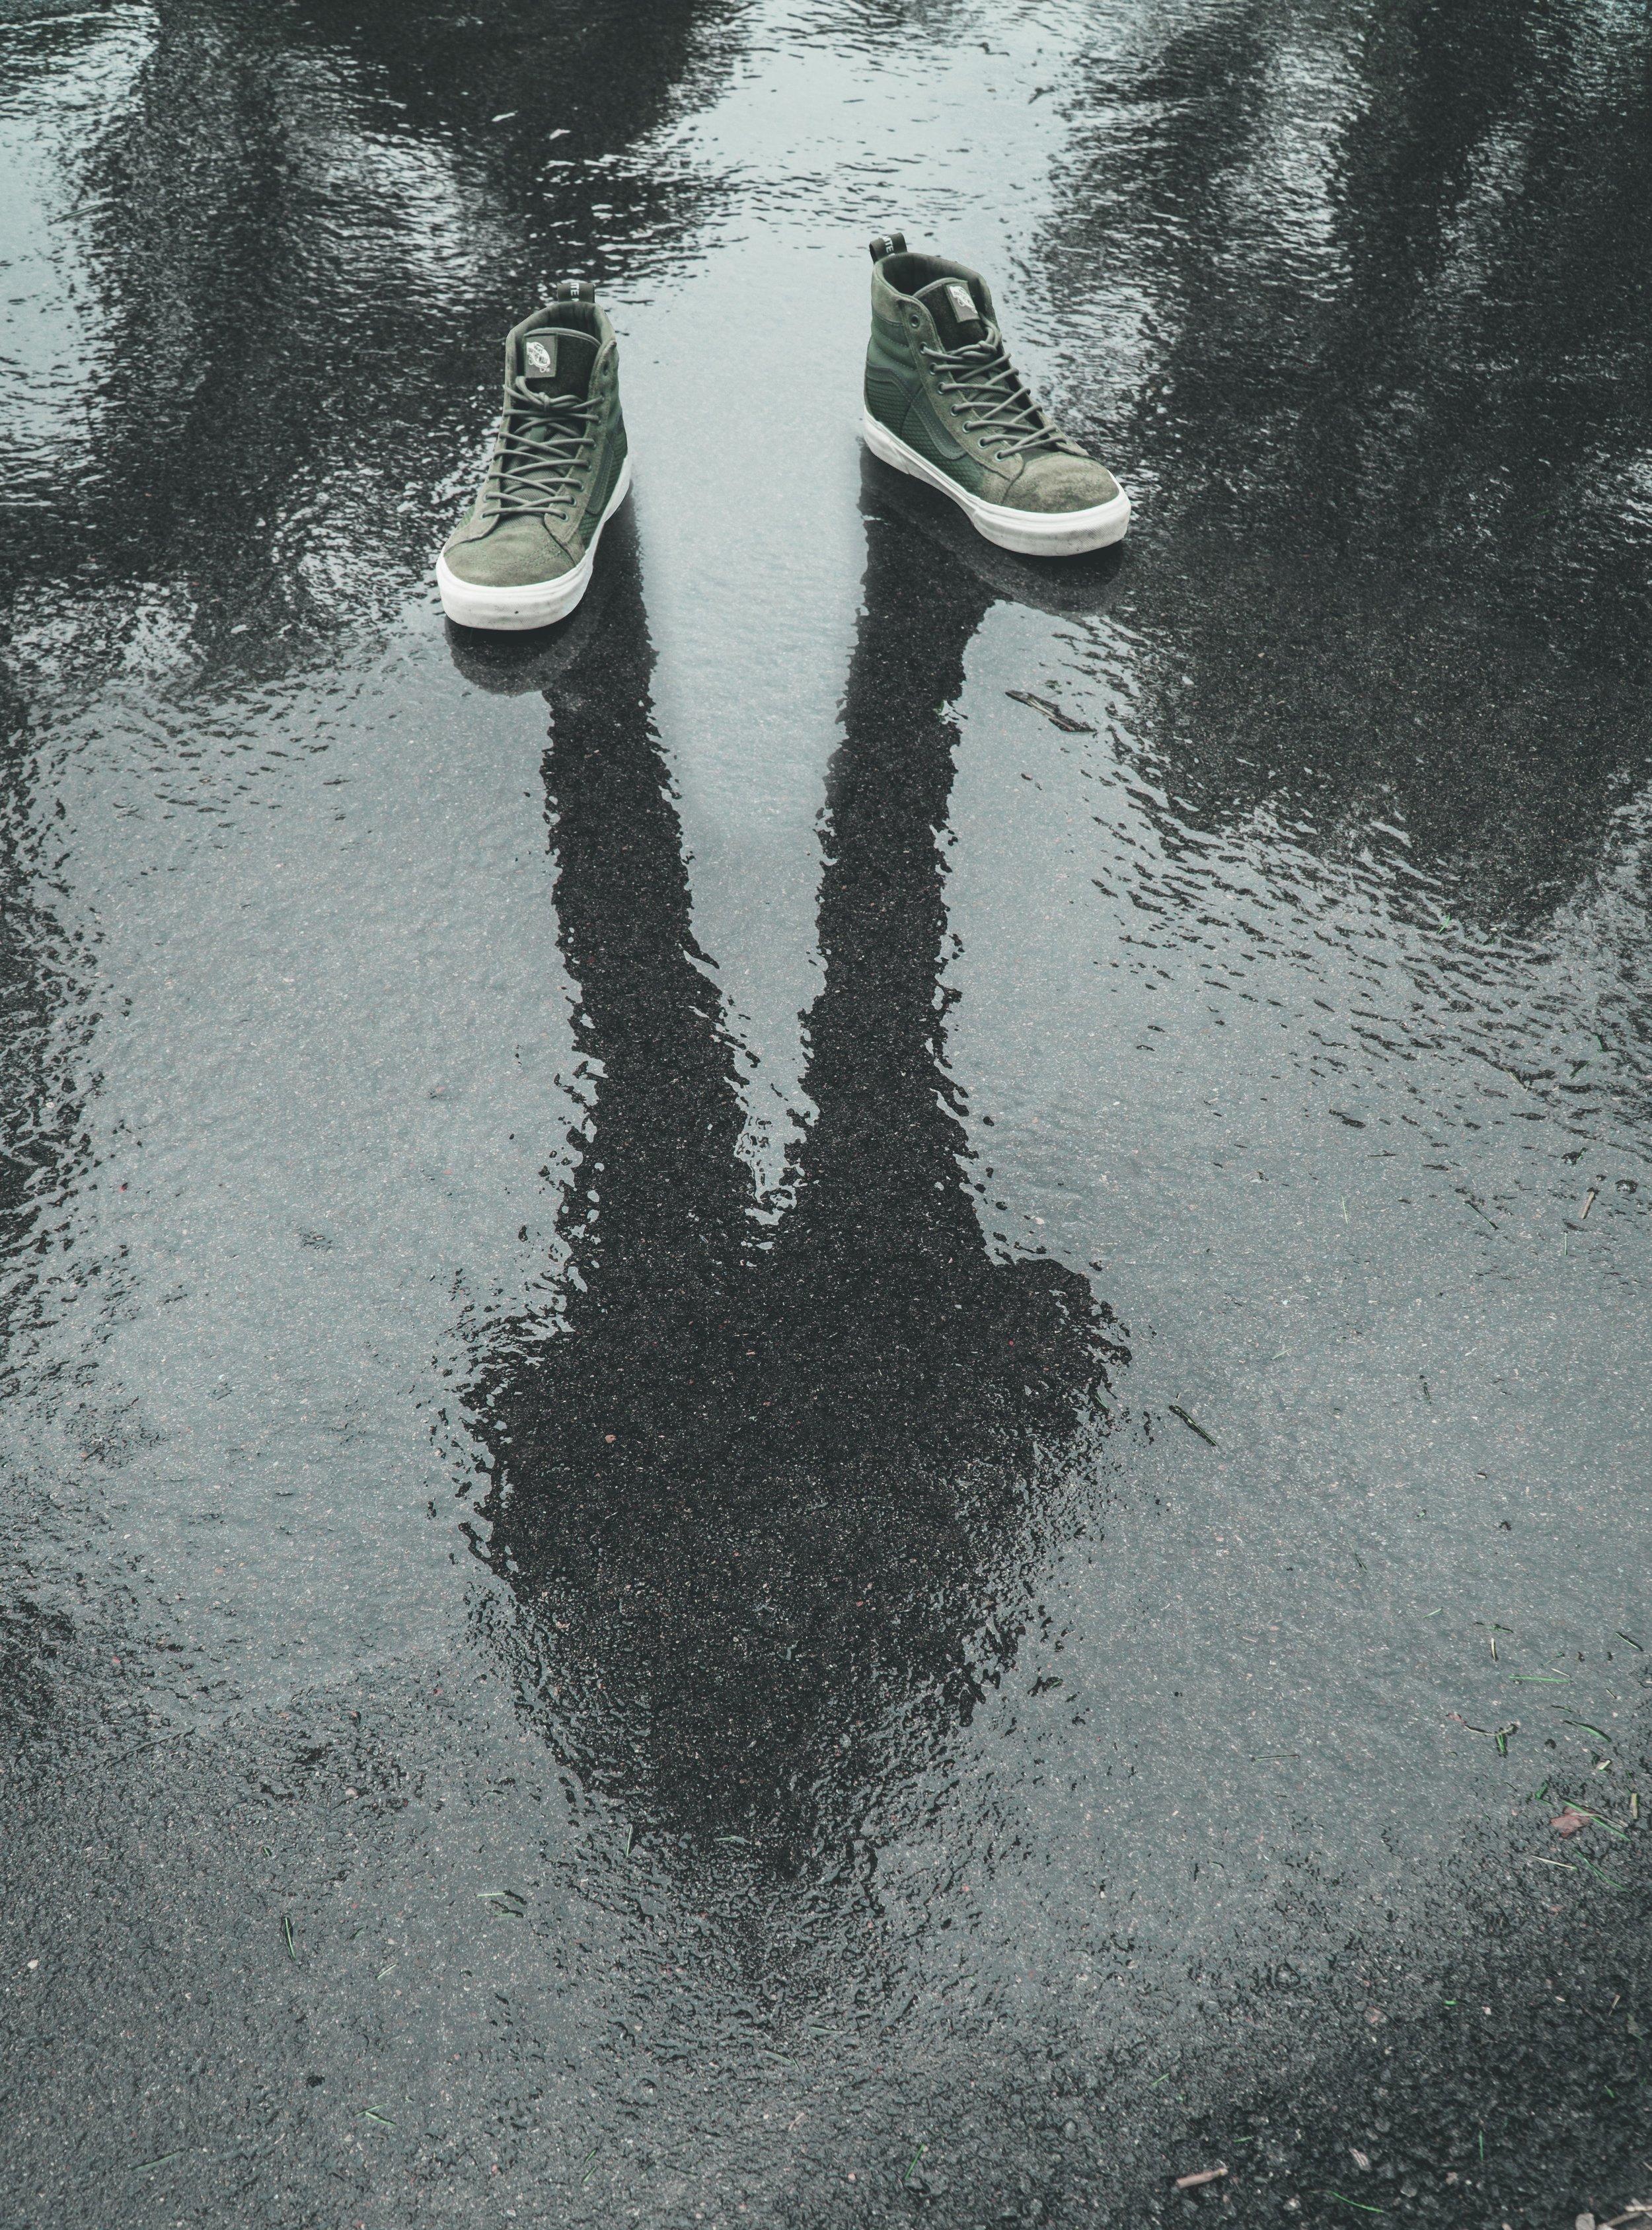 concrete-floor-footwear-gray-1554613.jpg